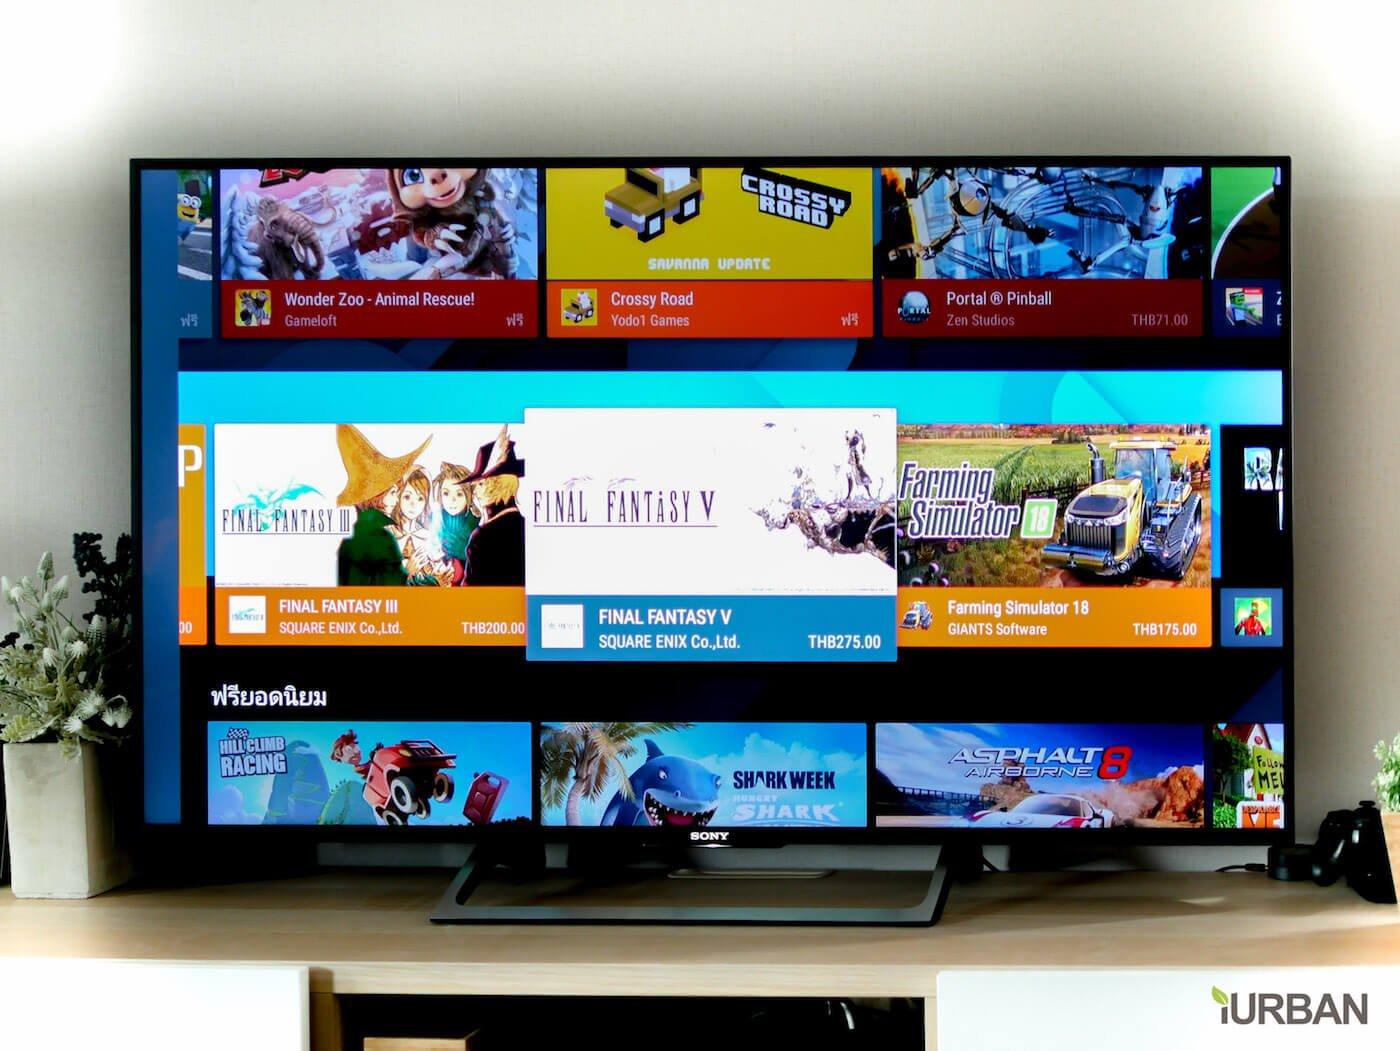 SONY X8500E 4K-HDR Android TV นวัตกรรมที่จะเปลี่ยนชีวิตกับทีวี ให้ไม่เหมือนเดิมอีกต่อไป 20 - Android